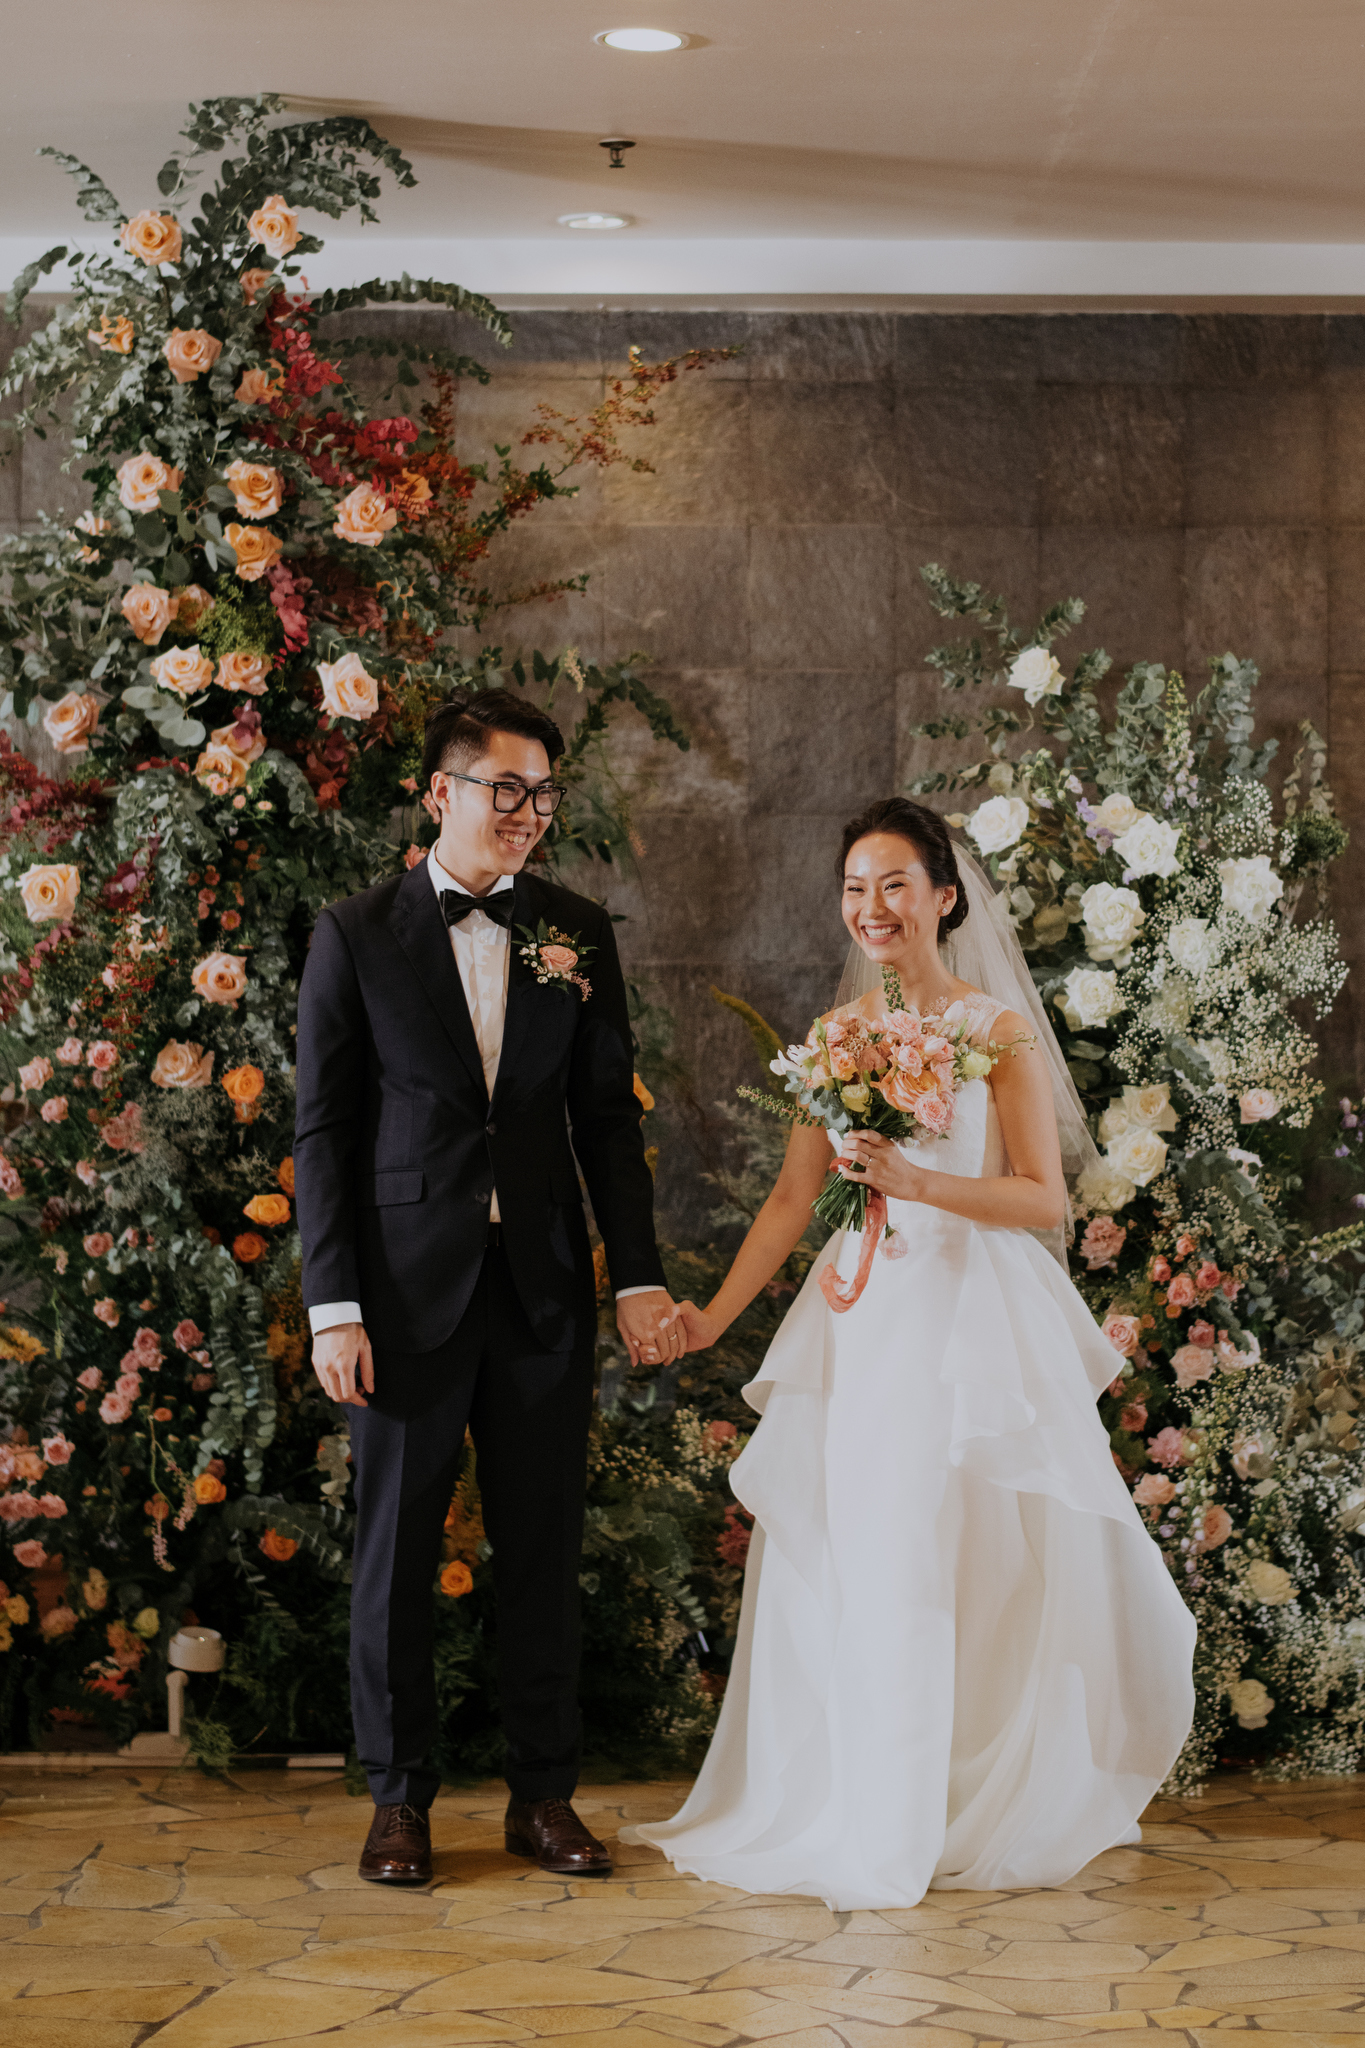 https://huk.s3.amazonaws.com/uploads/image/source/1408/Phuong-Diep-HN-Ceremony-1-0483.JPG